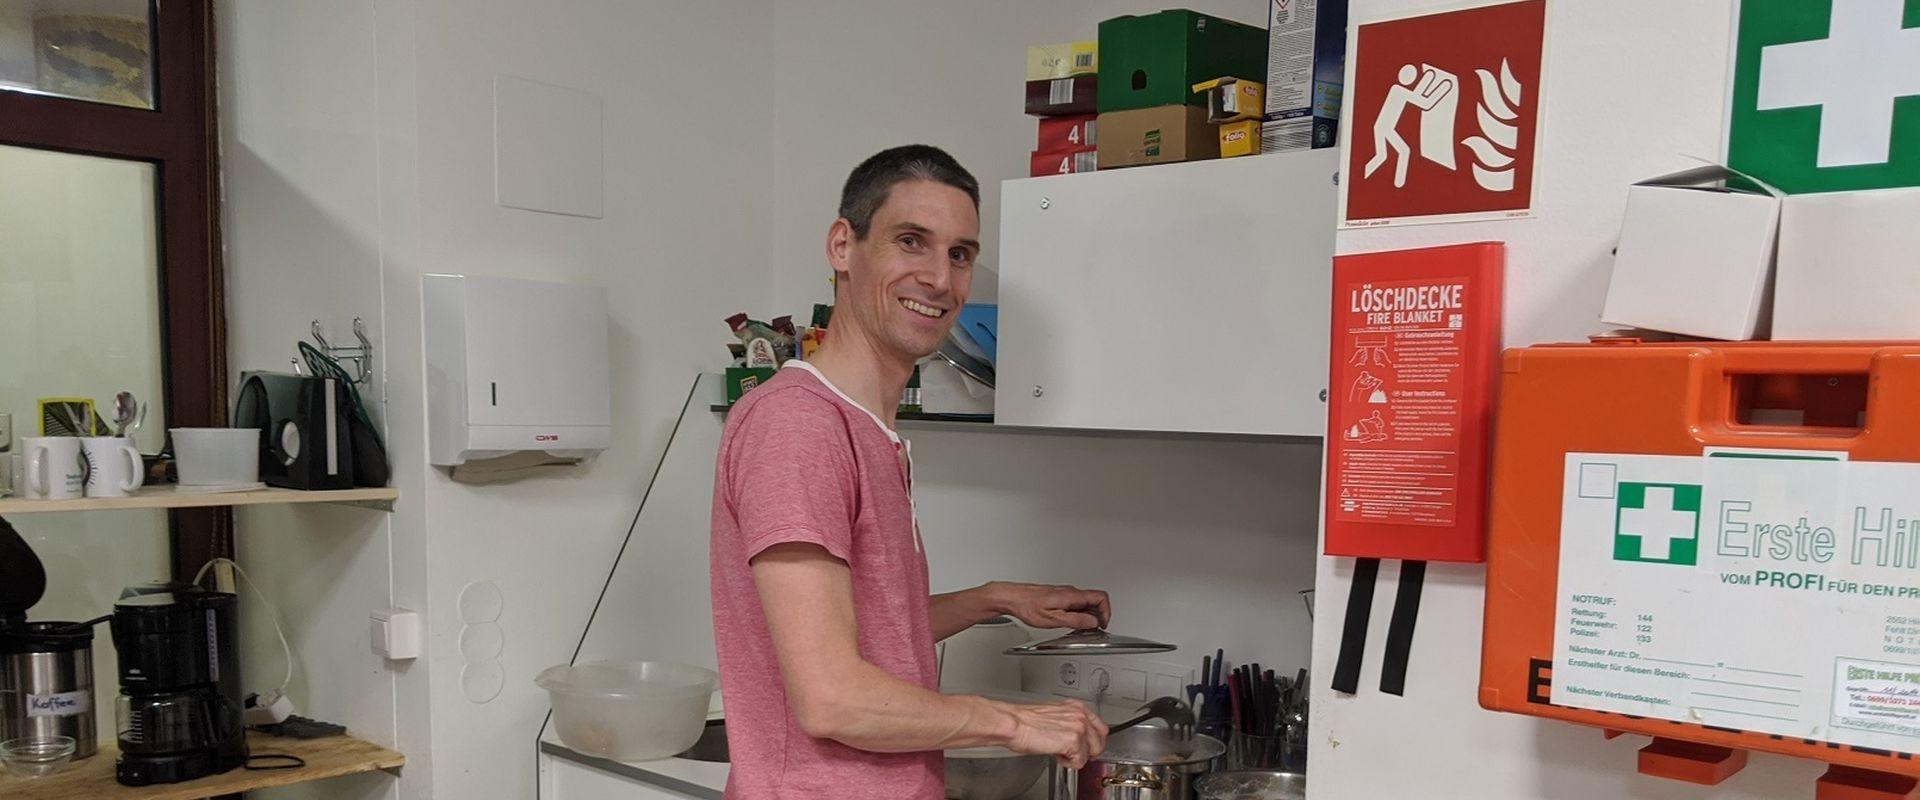 Max schwingt freiwillig den Kochlöffel im Obdach Favorita Nachtquartier für Frauen.